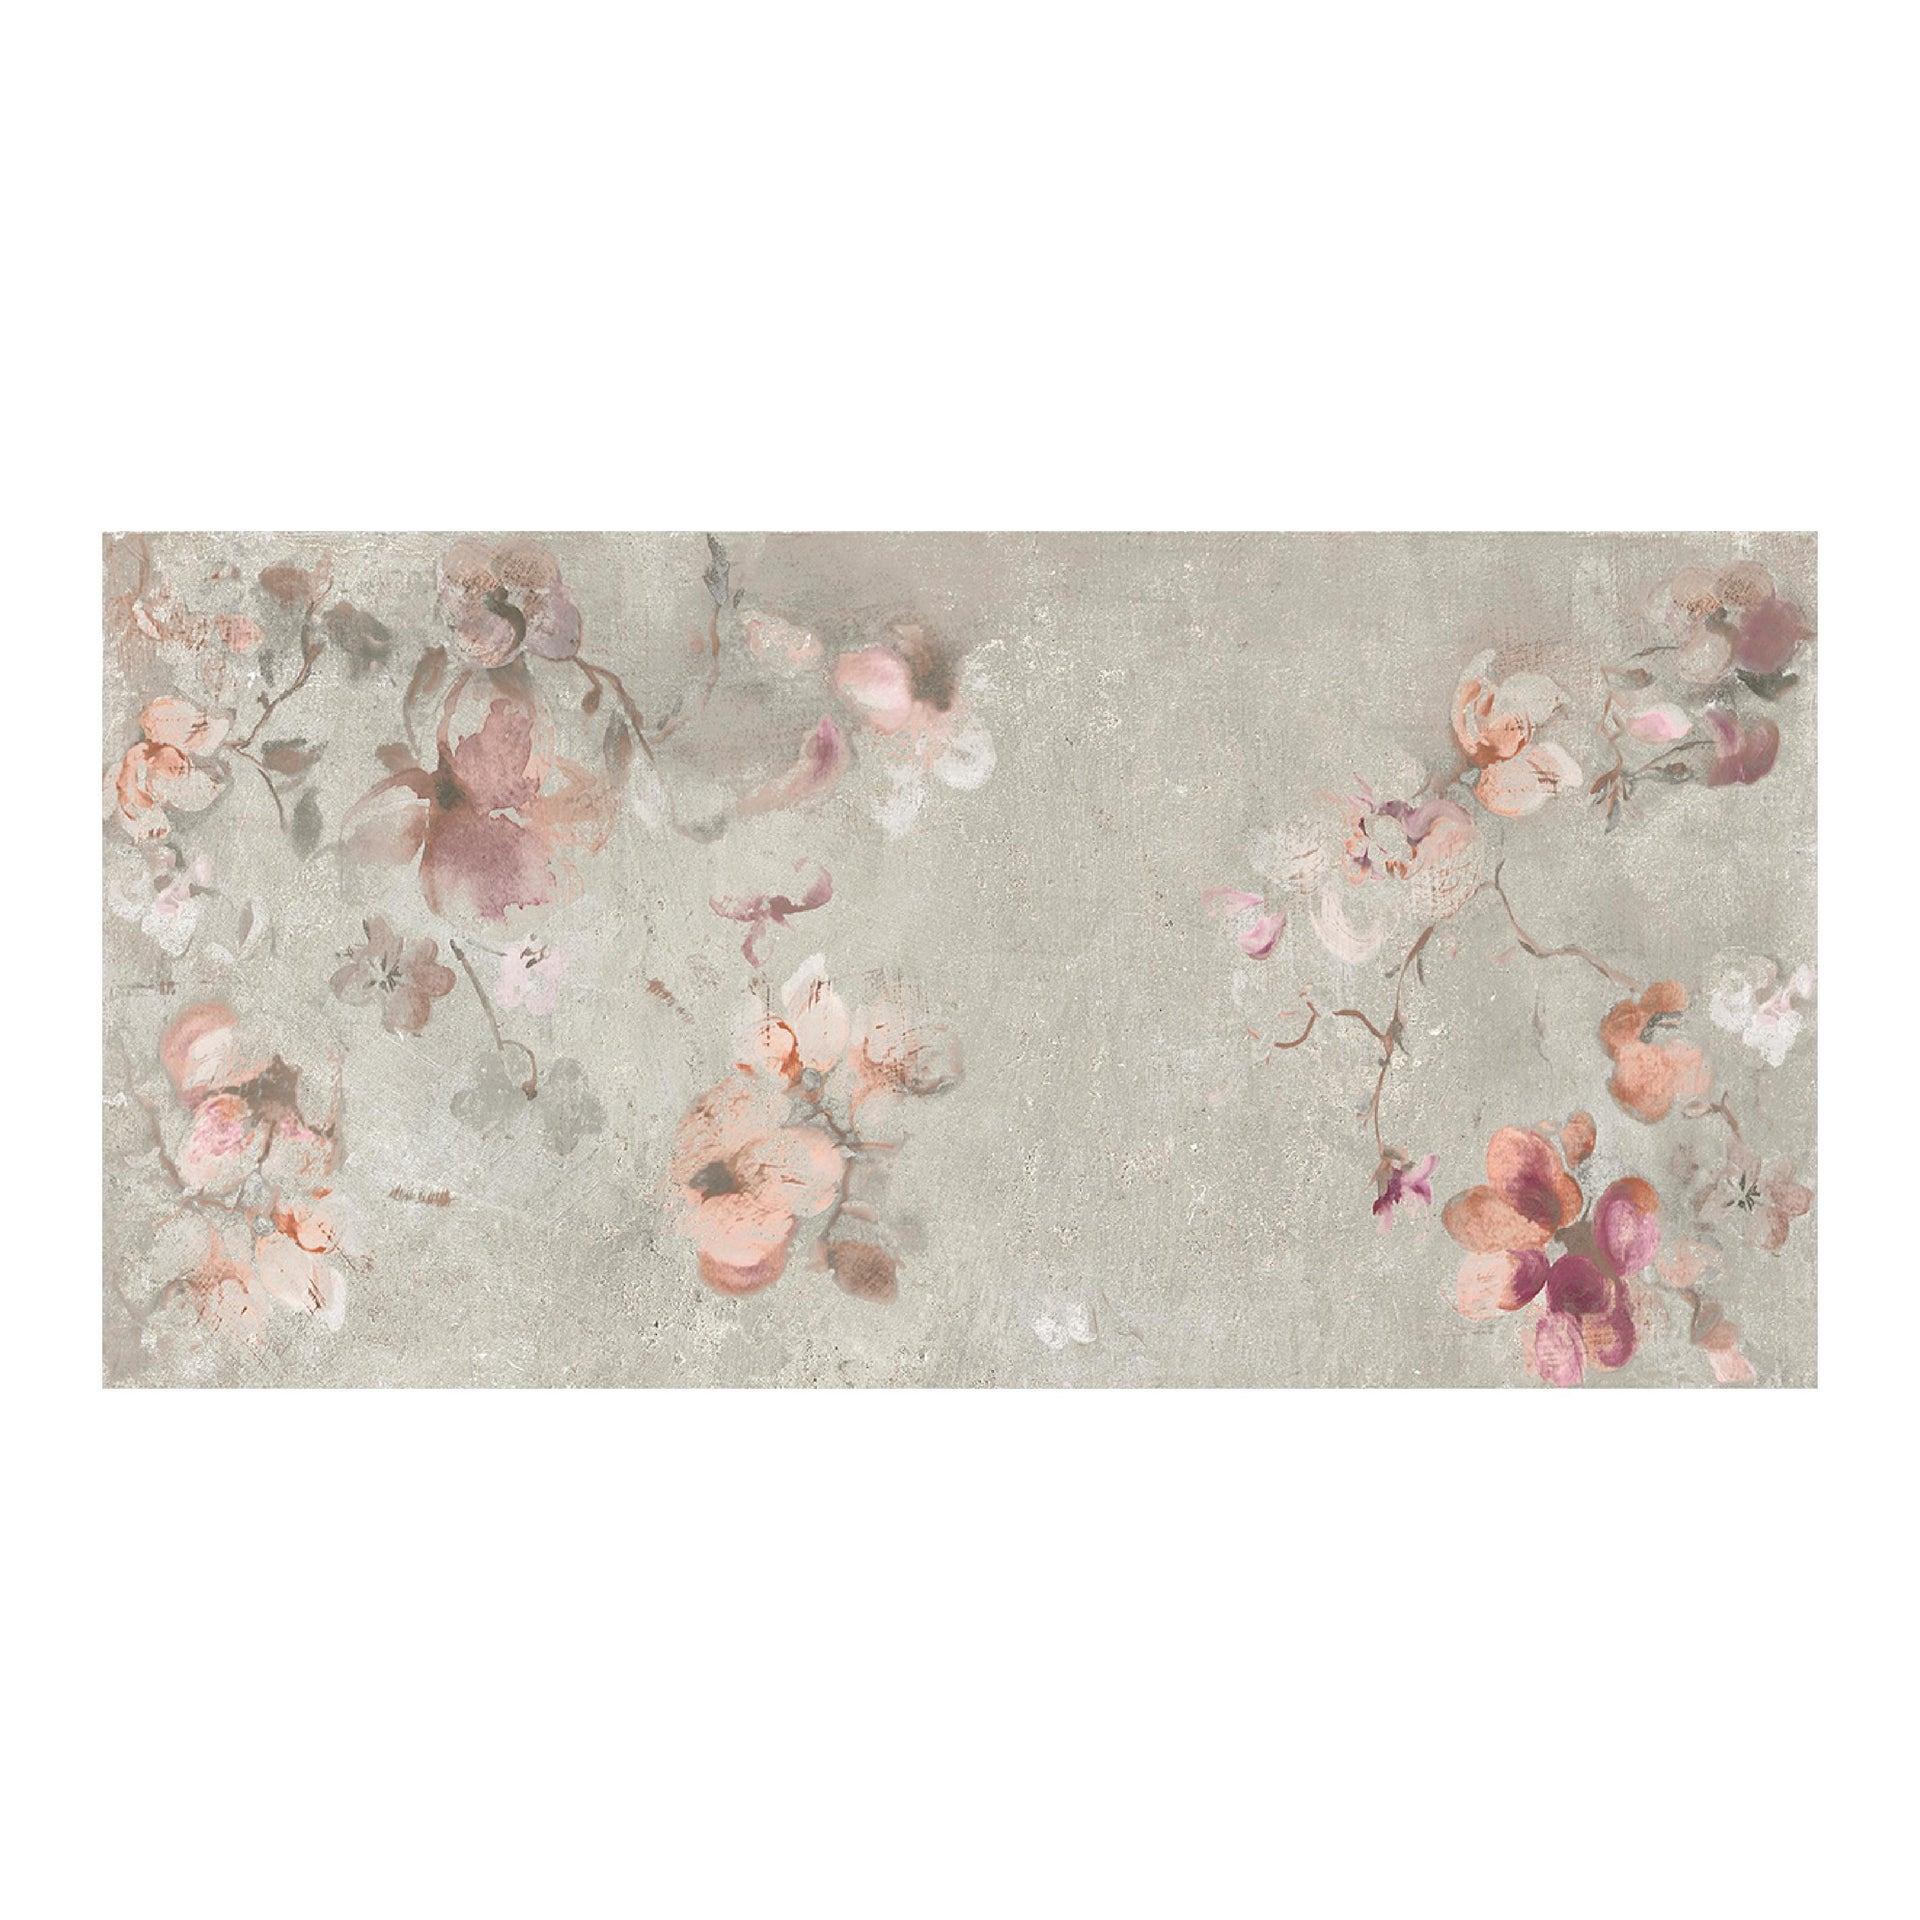 Piastrella City Grey Decoro Flower 60 x 120 cm sp. 9.5 mm PEI 4/5 grigio - 5